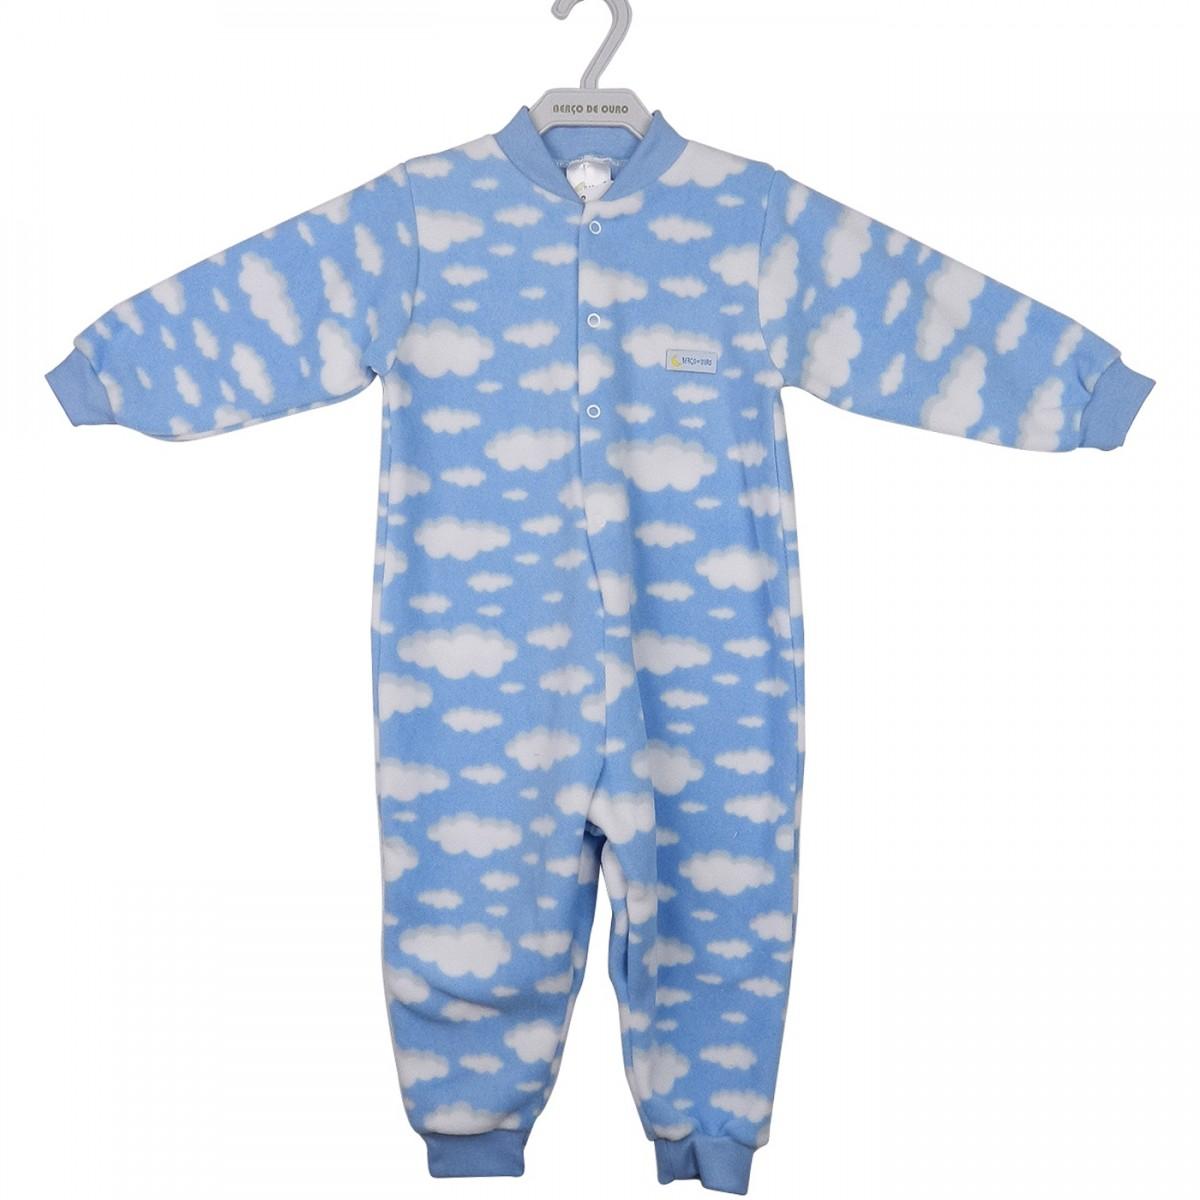 d41667a84 Bizz Store - Macacão Infantil Masculino Berço de Ouro Soft Azul